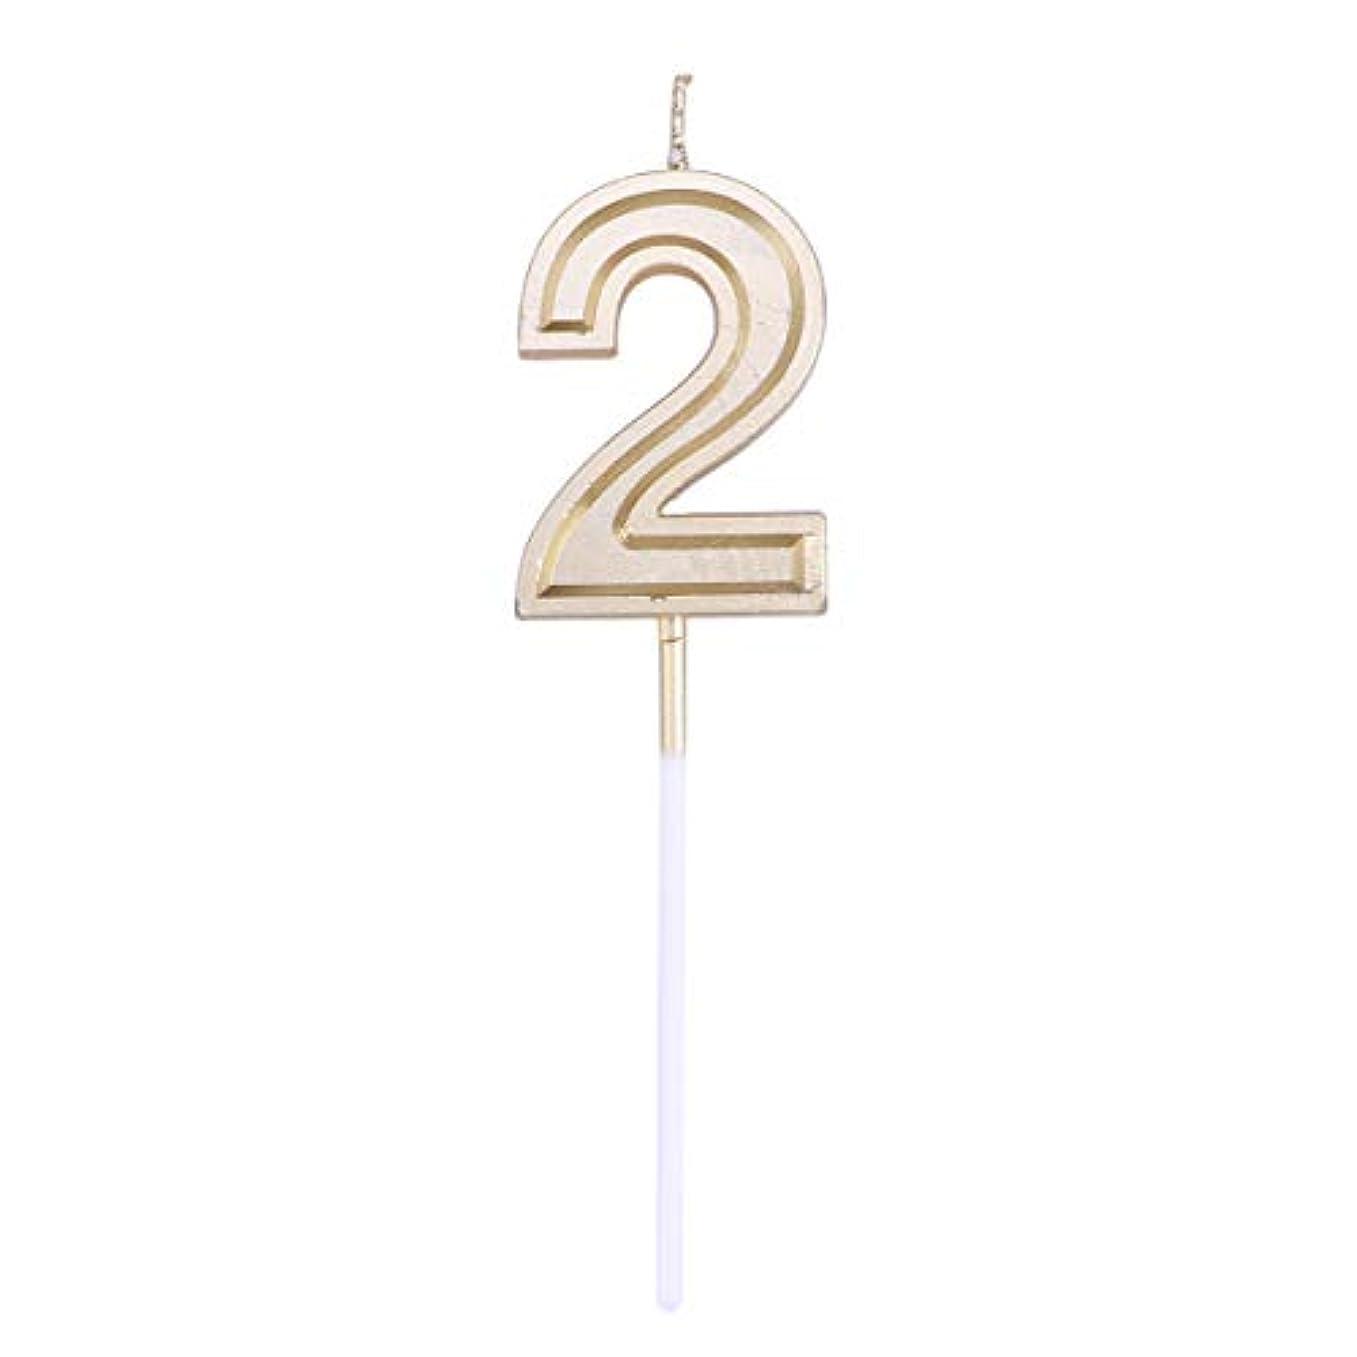 大西洋危機論文Toyvian ゴールドラメ誕生日おめでとう数字キャンドル番号キャンドルケーキトッパー装飾用大人キッズパーティー(ナンバー2)